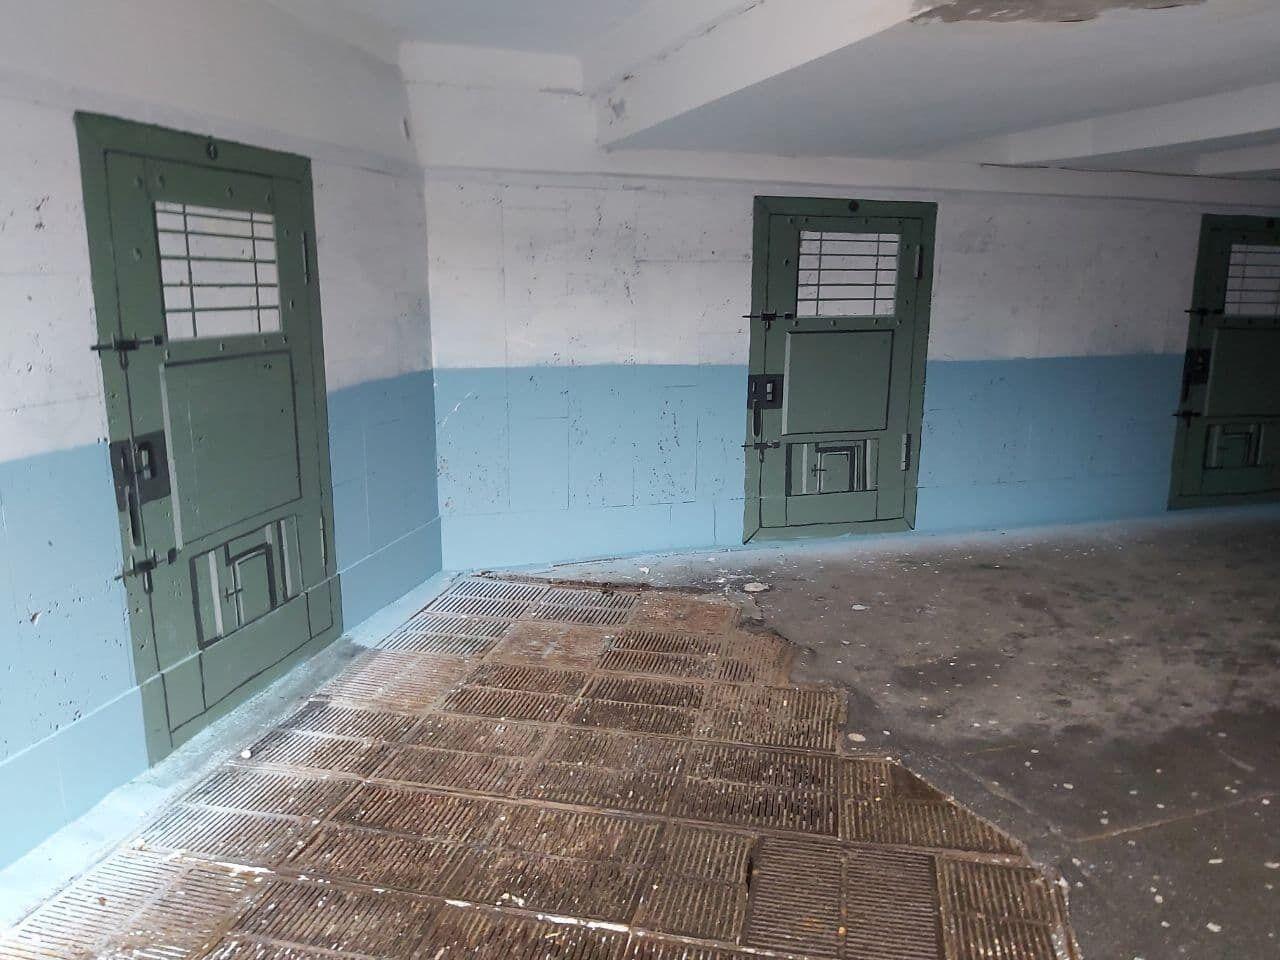 Арт-об'єкт на підтримку політв'язнів